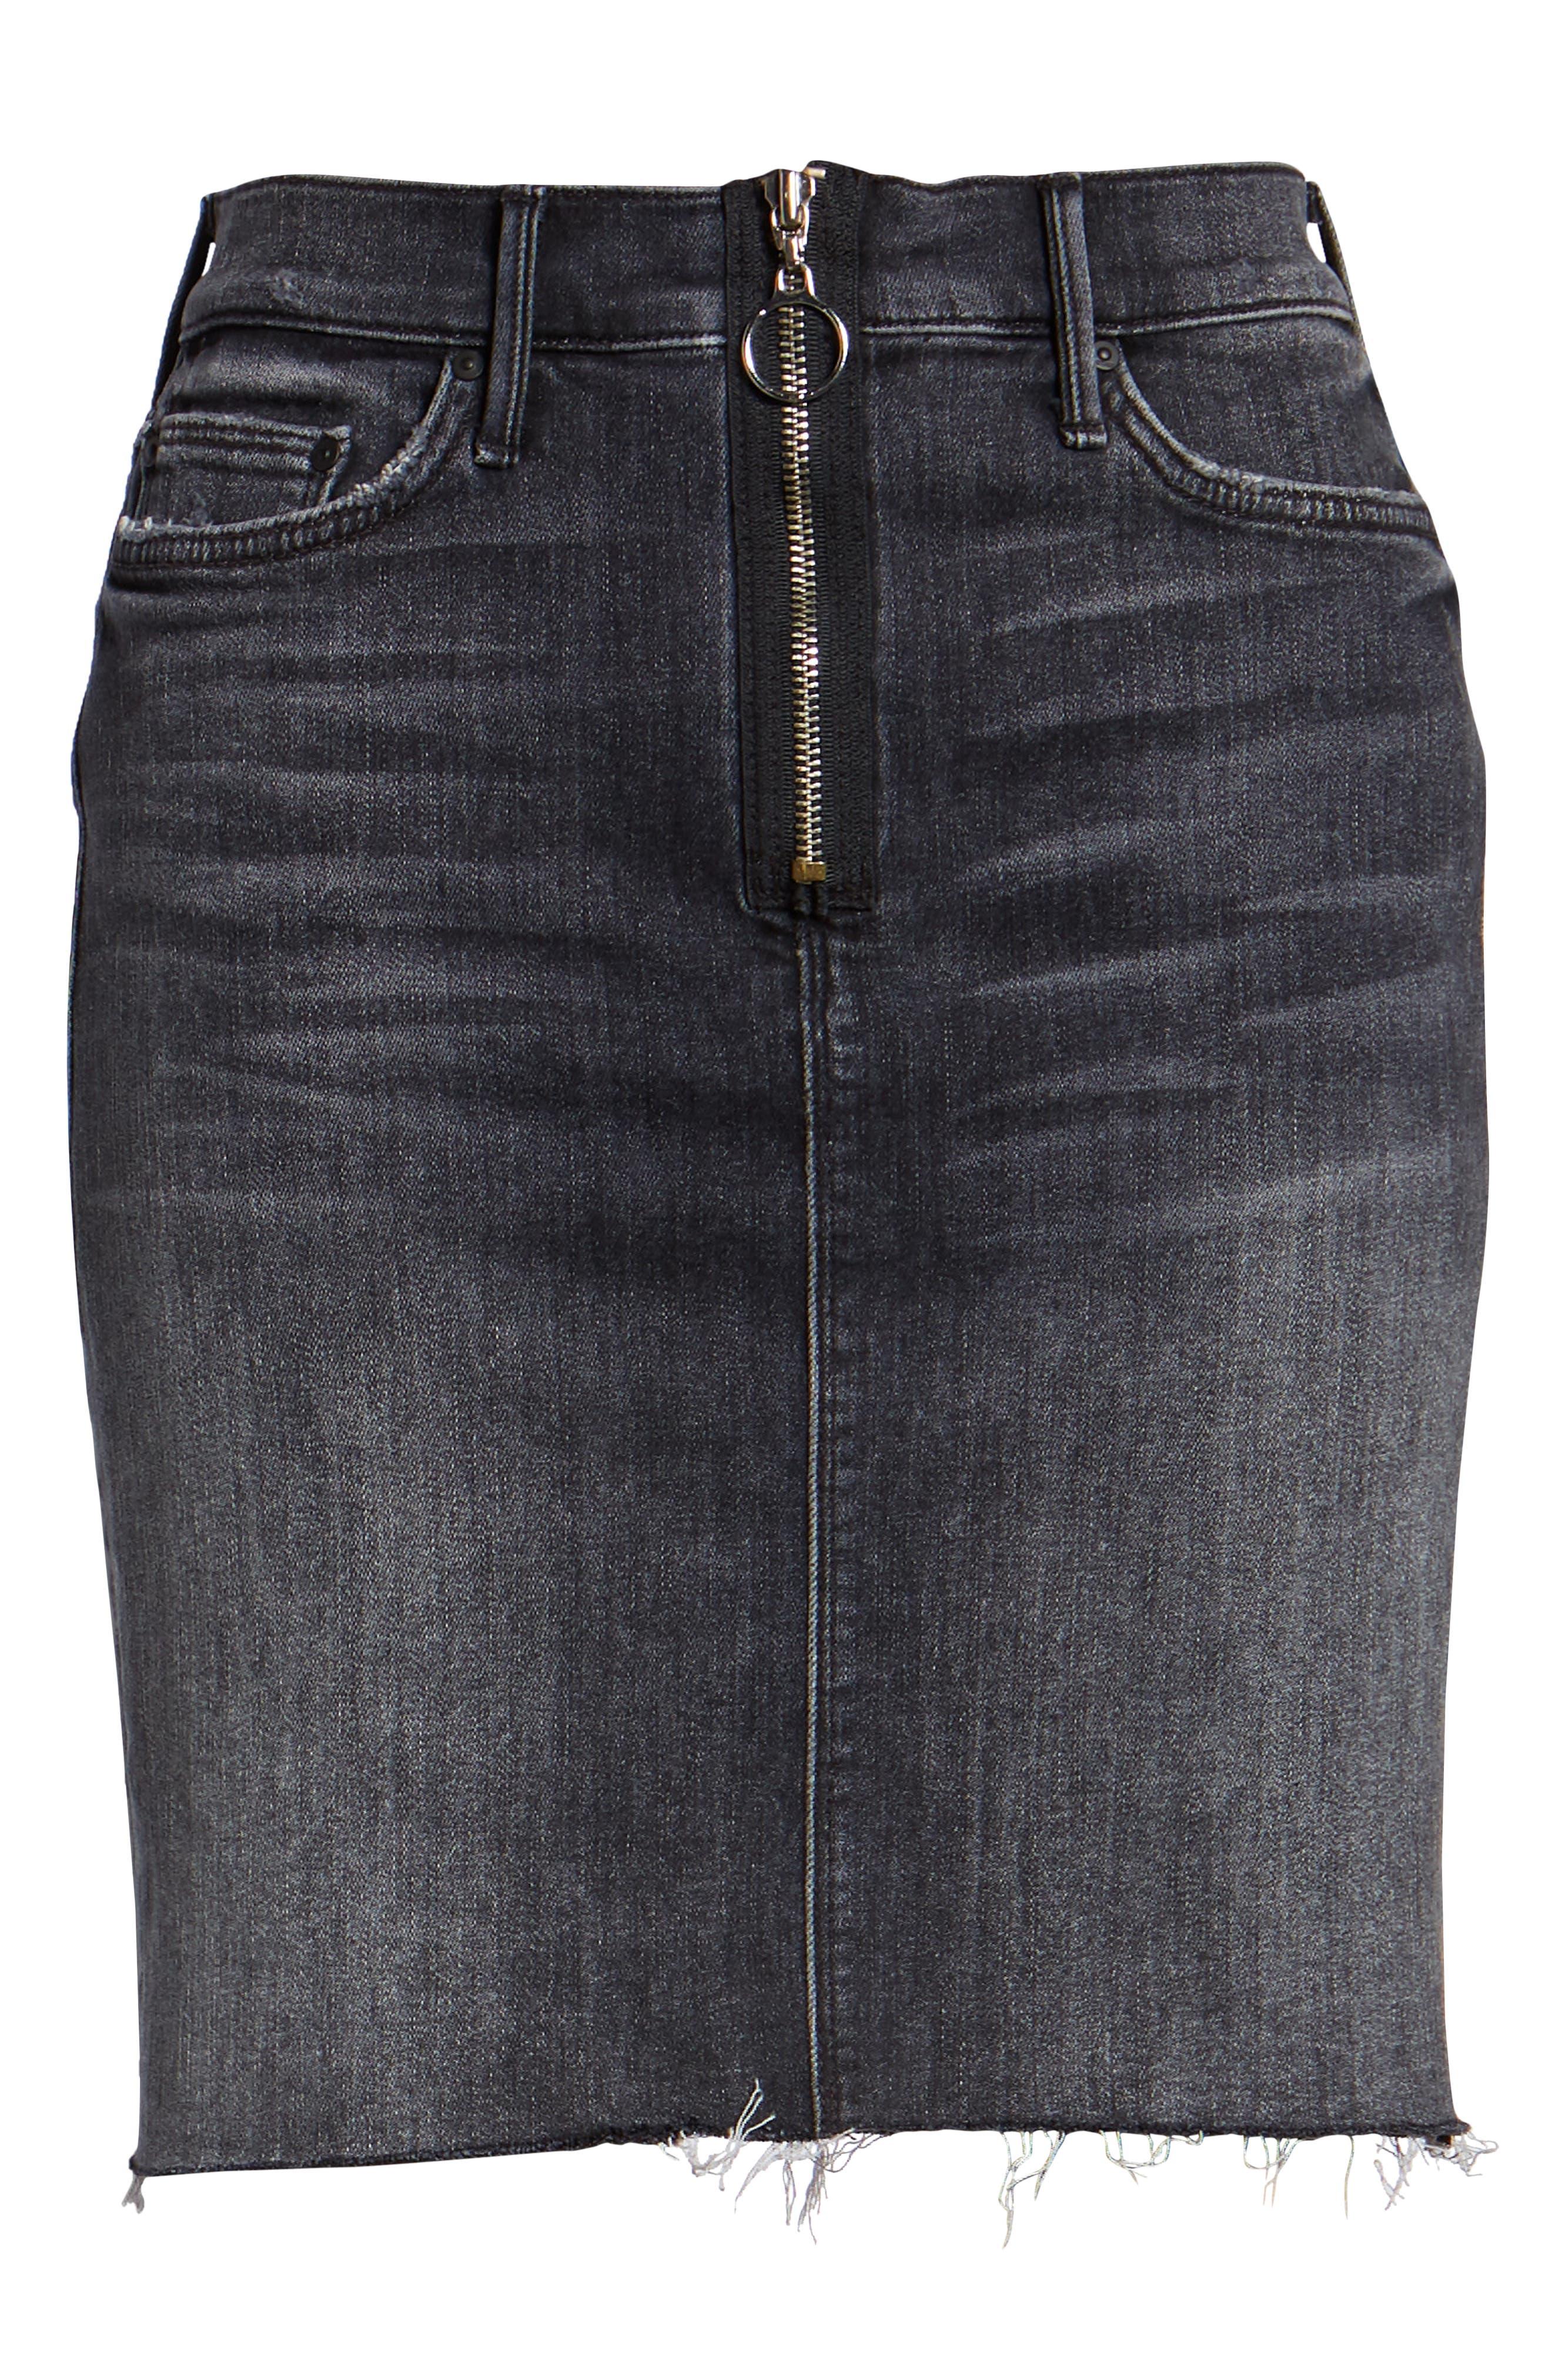 Swooner Exposed Zip Denim Miniskirt,                             Alternate thumbnail 7, color,                             LEAVE THE LIGHT ON